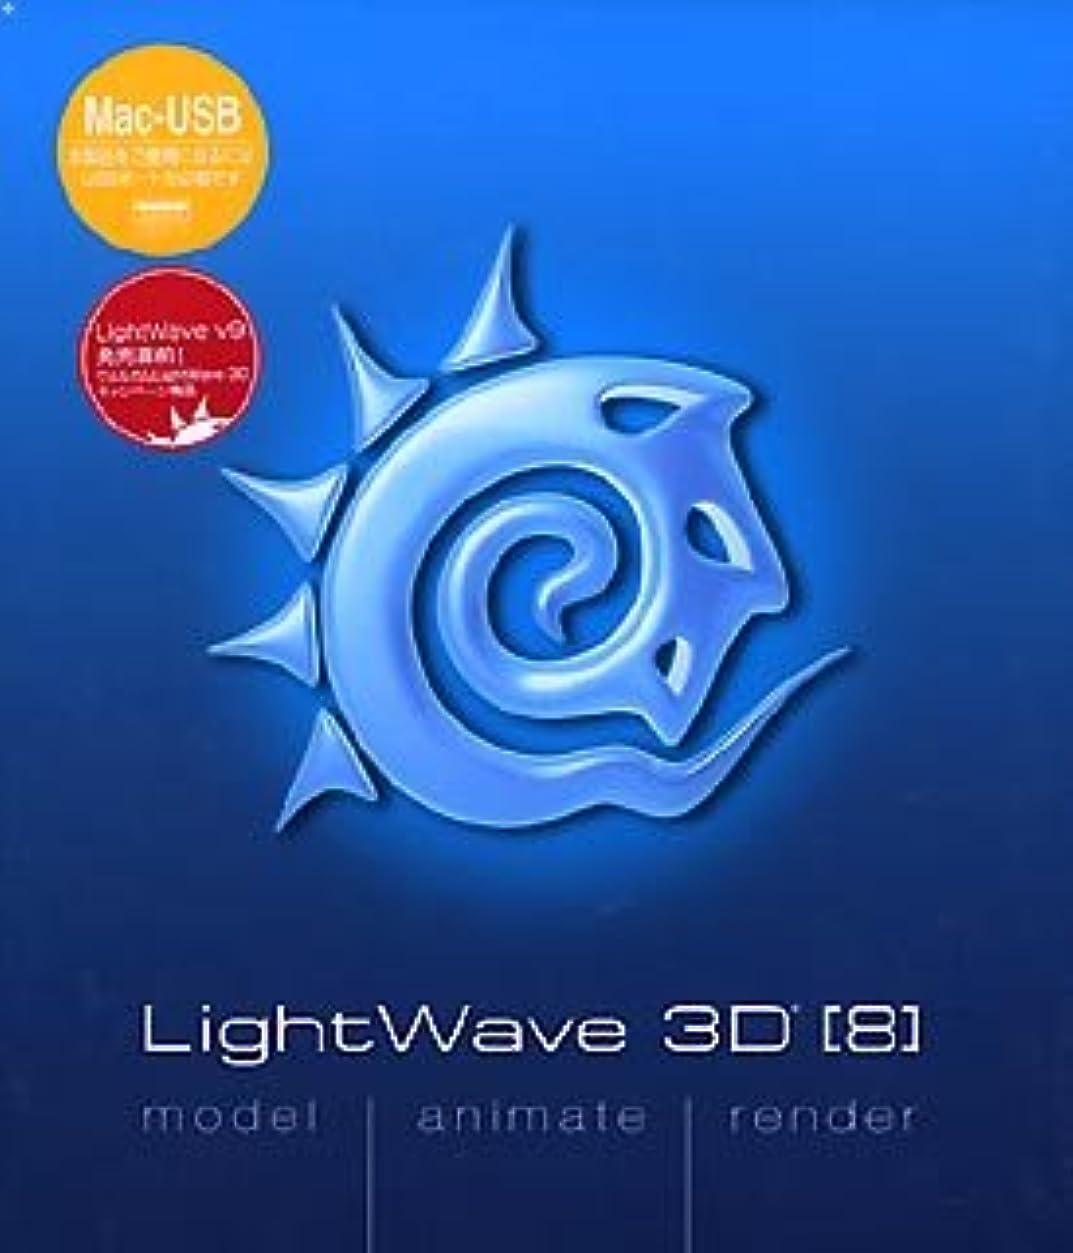 楽しむ軽量売るLightWave 3D [8] Mac-USB 日本語版 (製本マニュアル) LW9 無償ダウンロード権利付